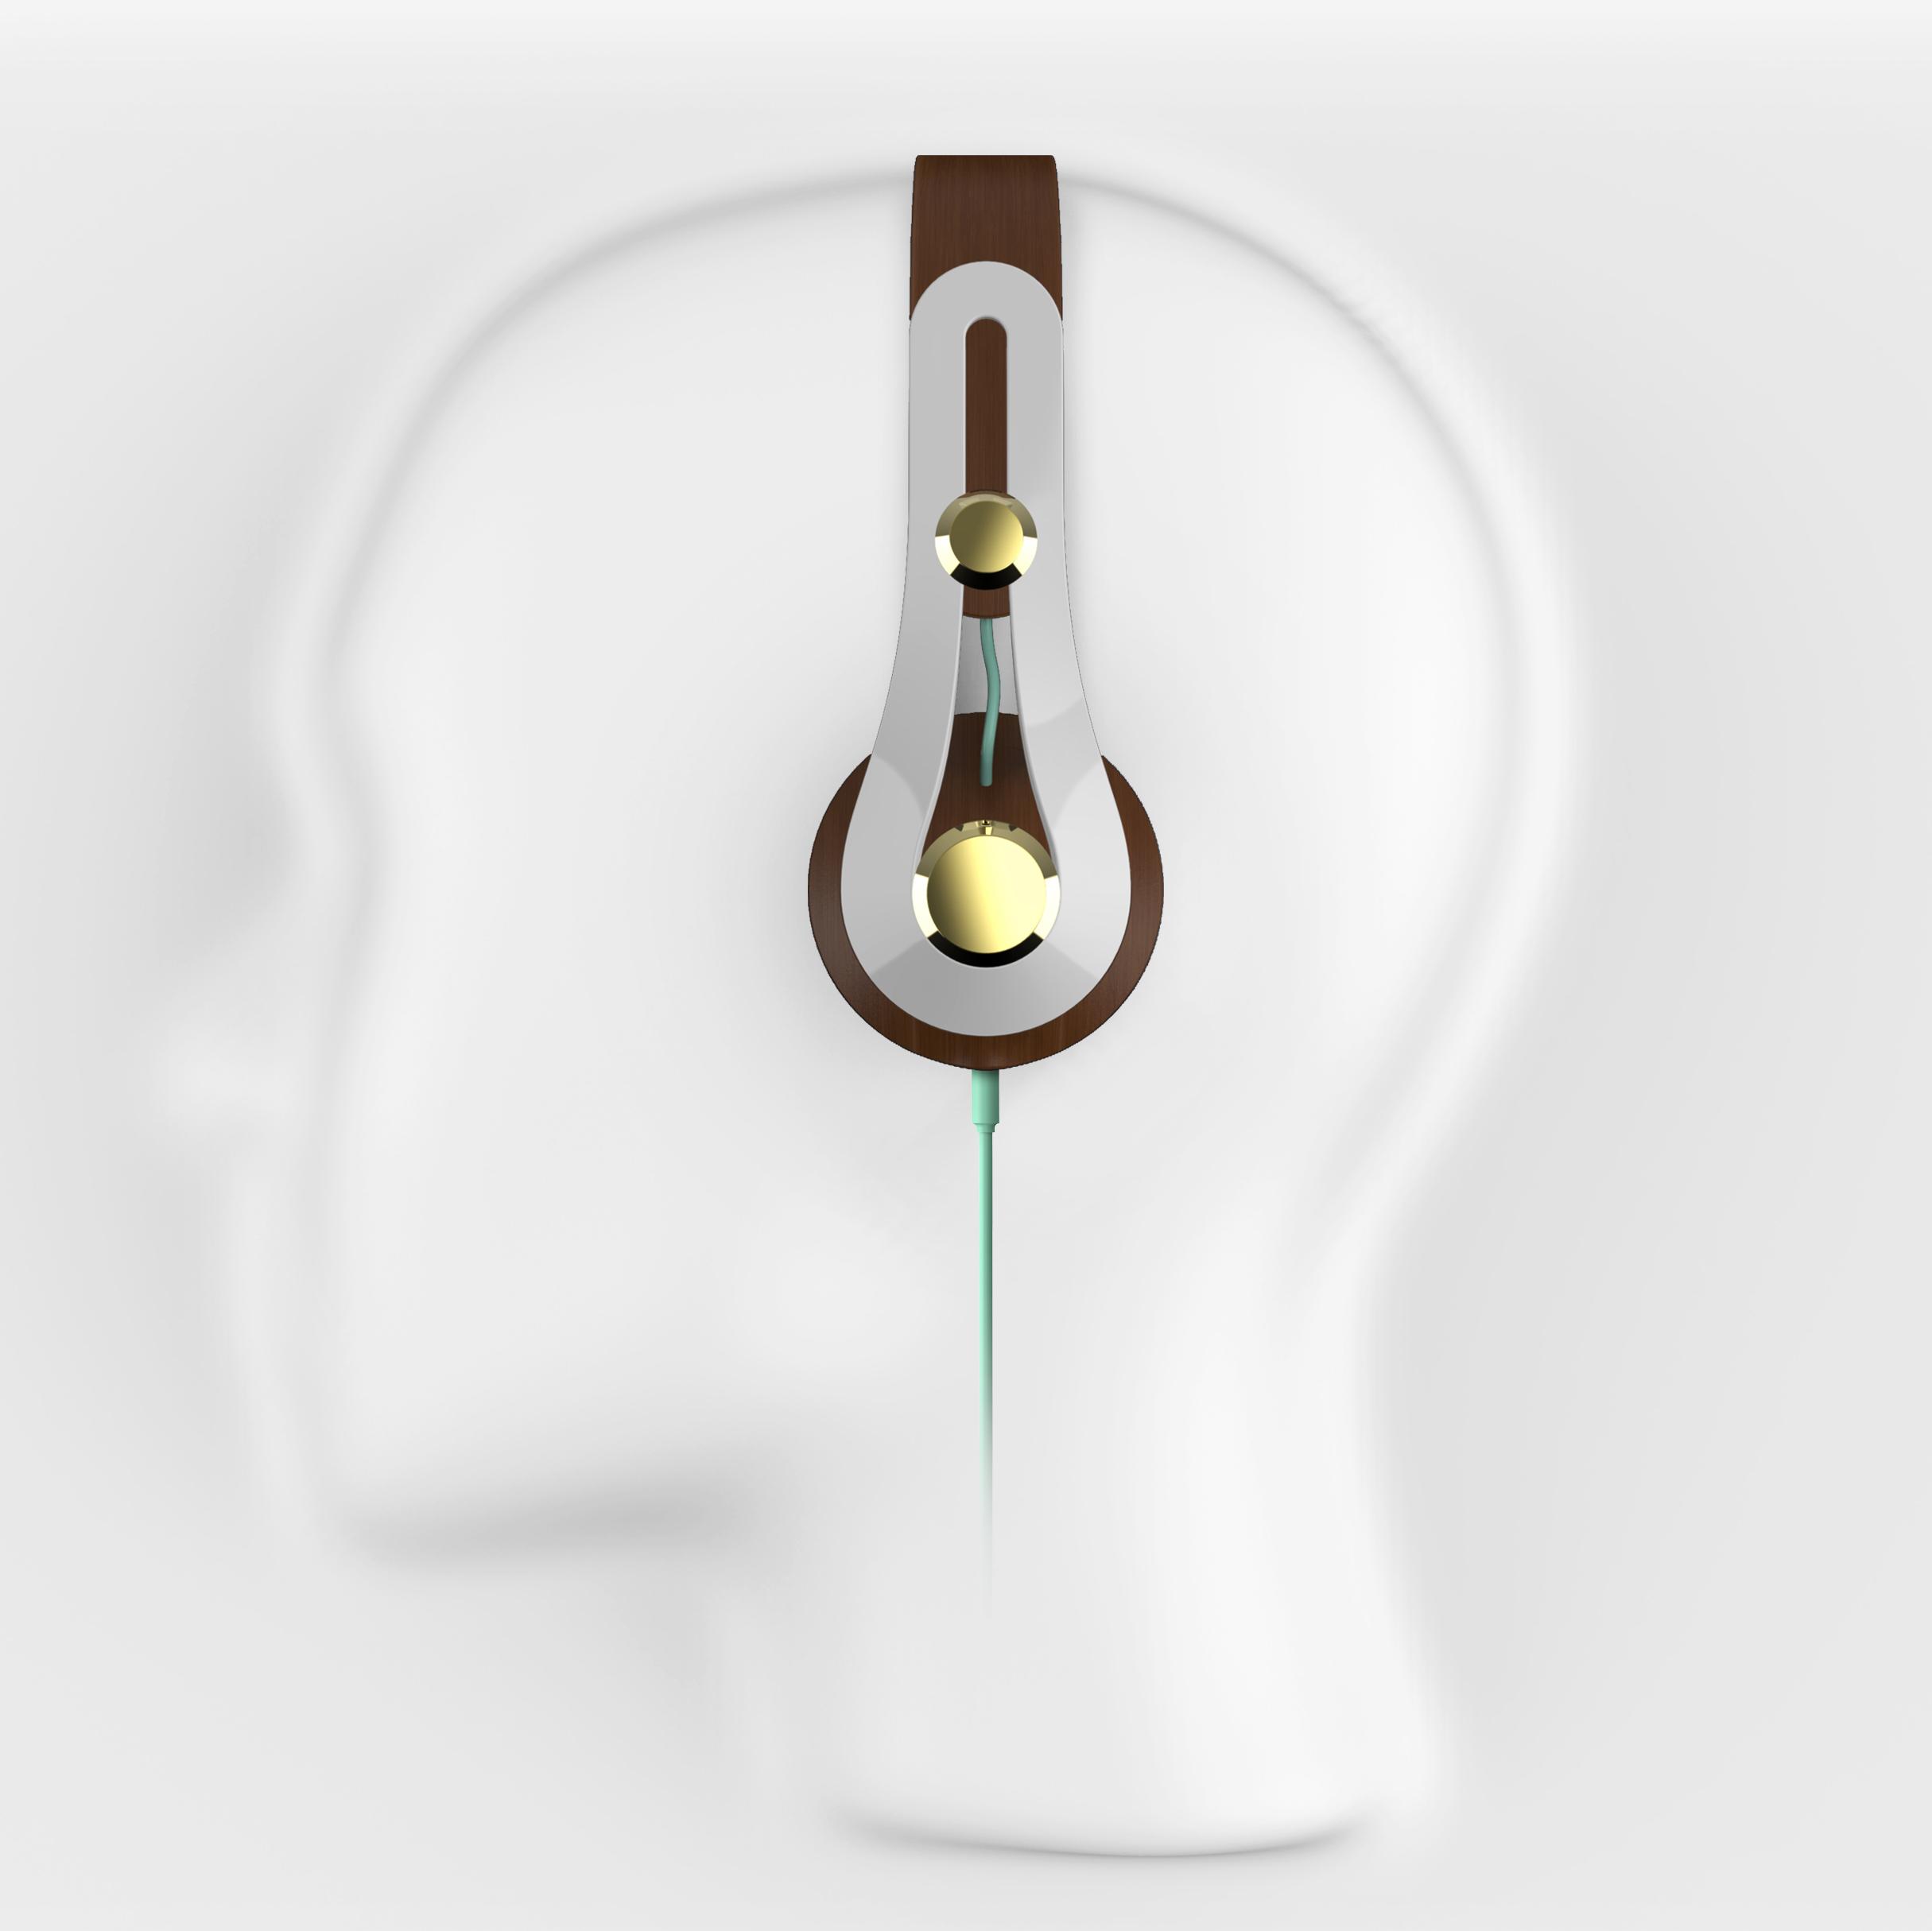 Bent Ply Headphones